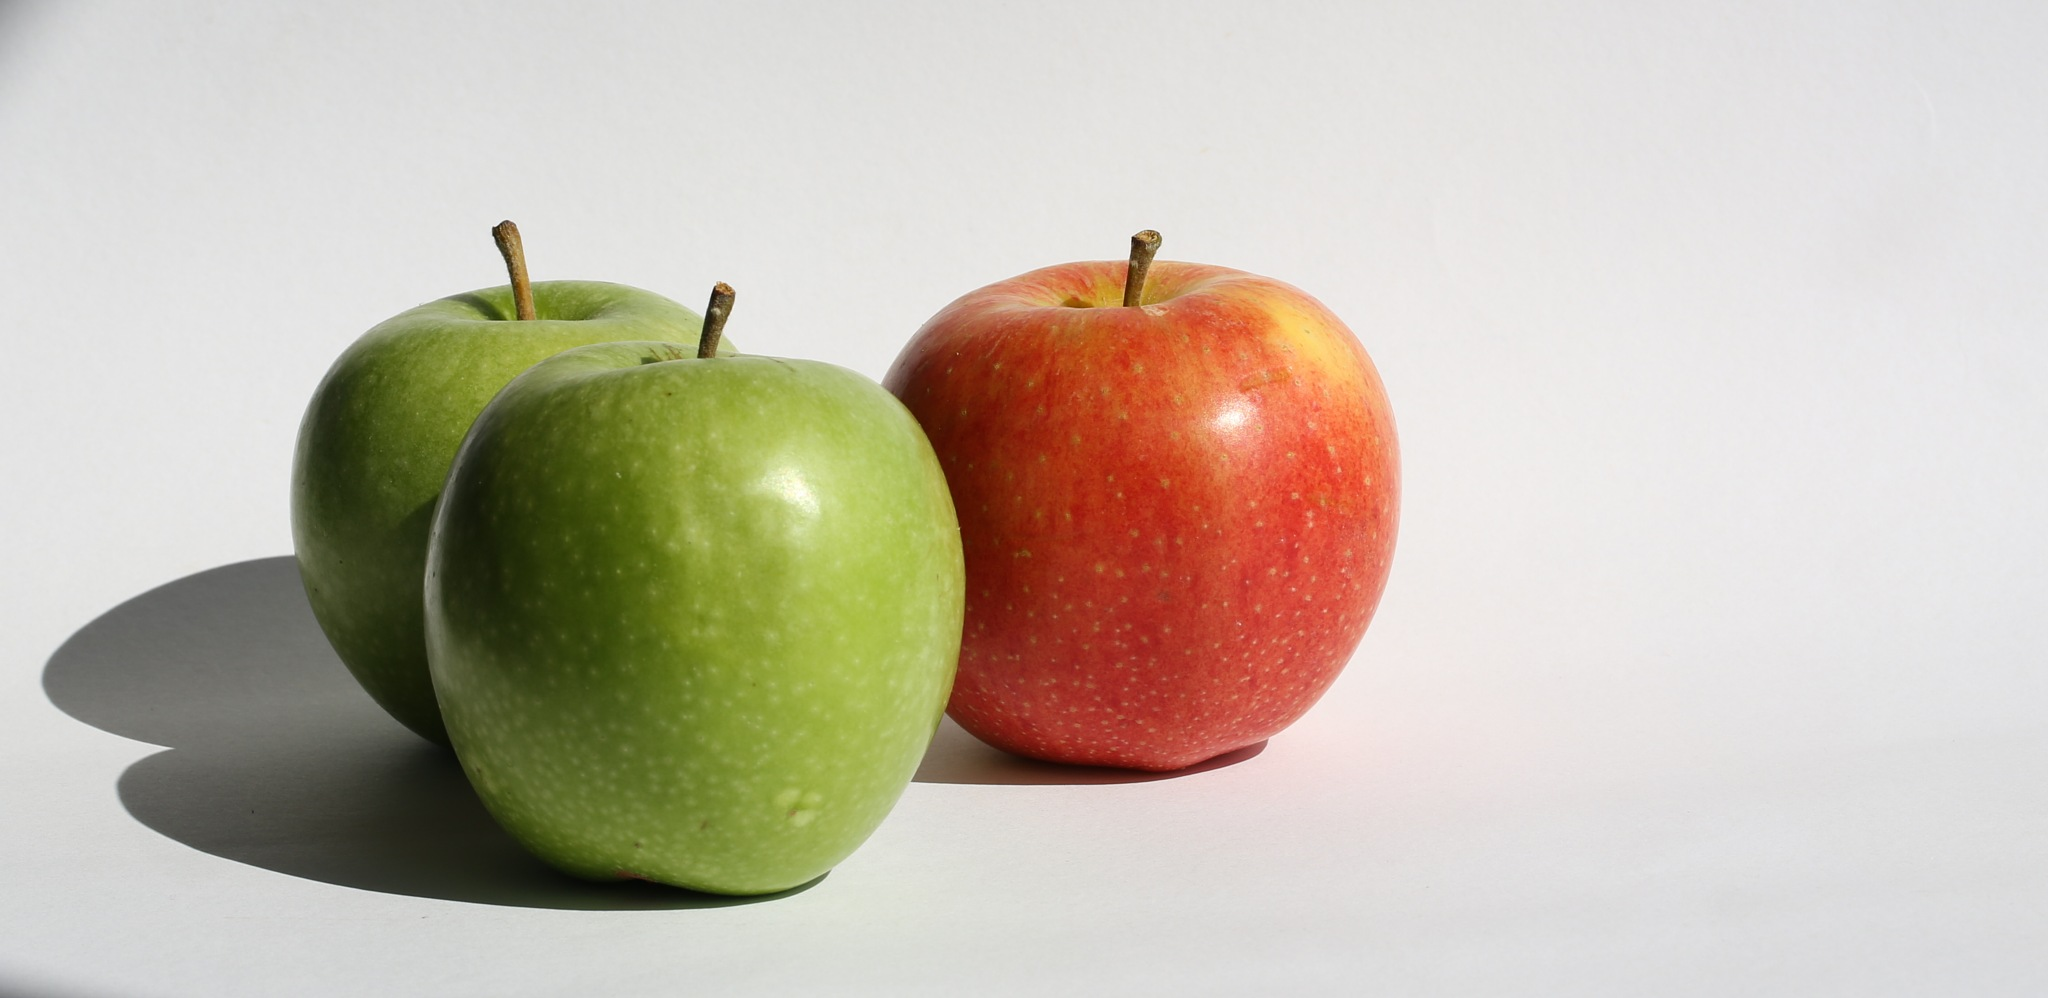 Apples by Atila_Yumusakkaya